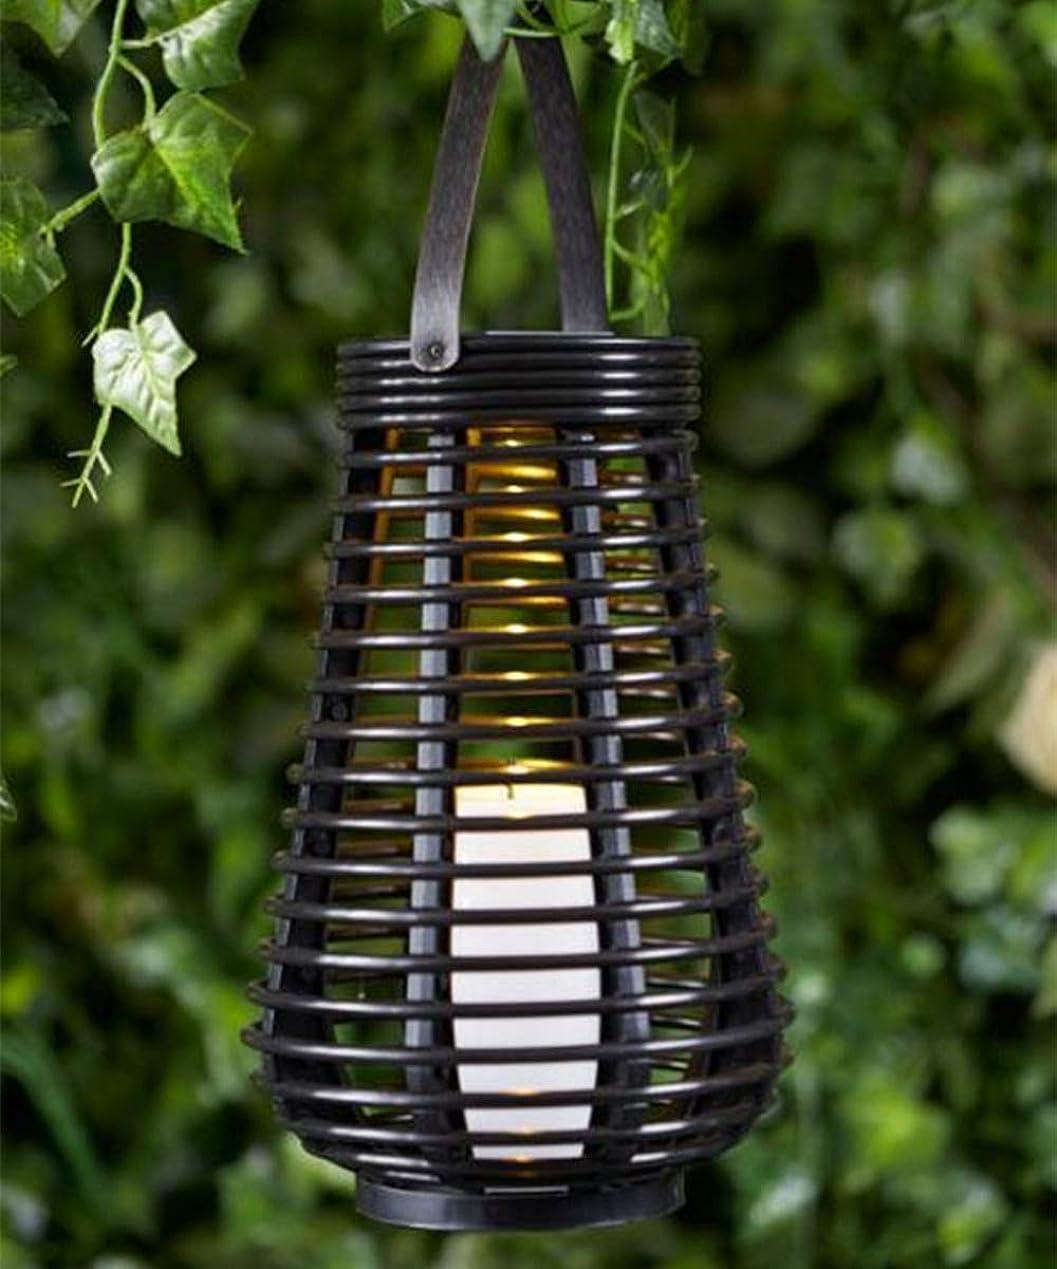 ハブビクター免除ACHICOO LED防水塔型吊りソーラーライト装飾籐スタイルランタンFlamelessキャンドルランプ